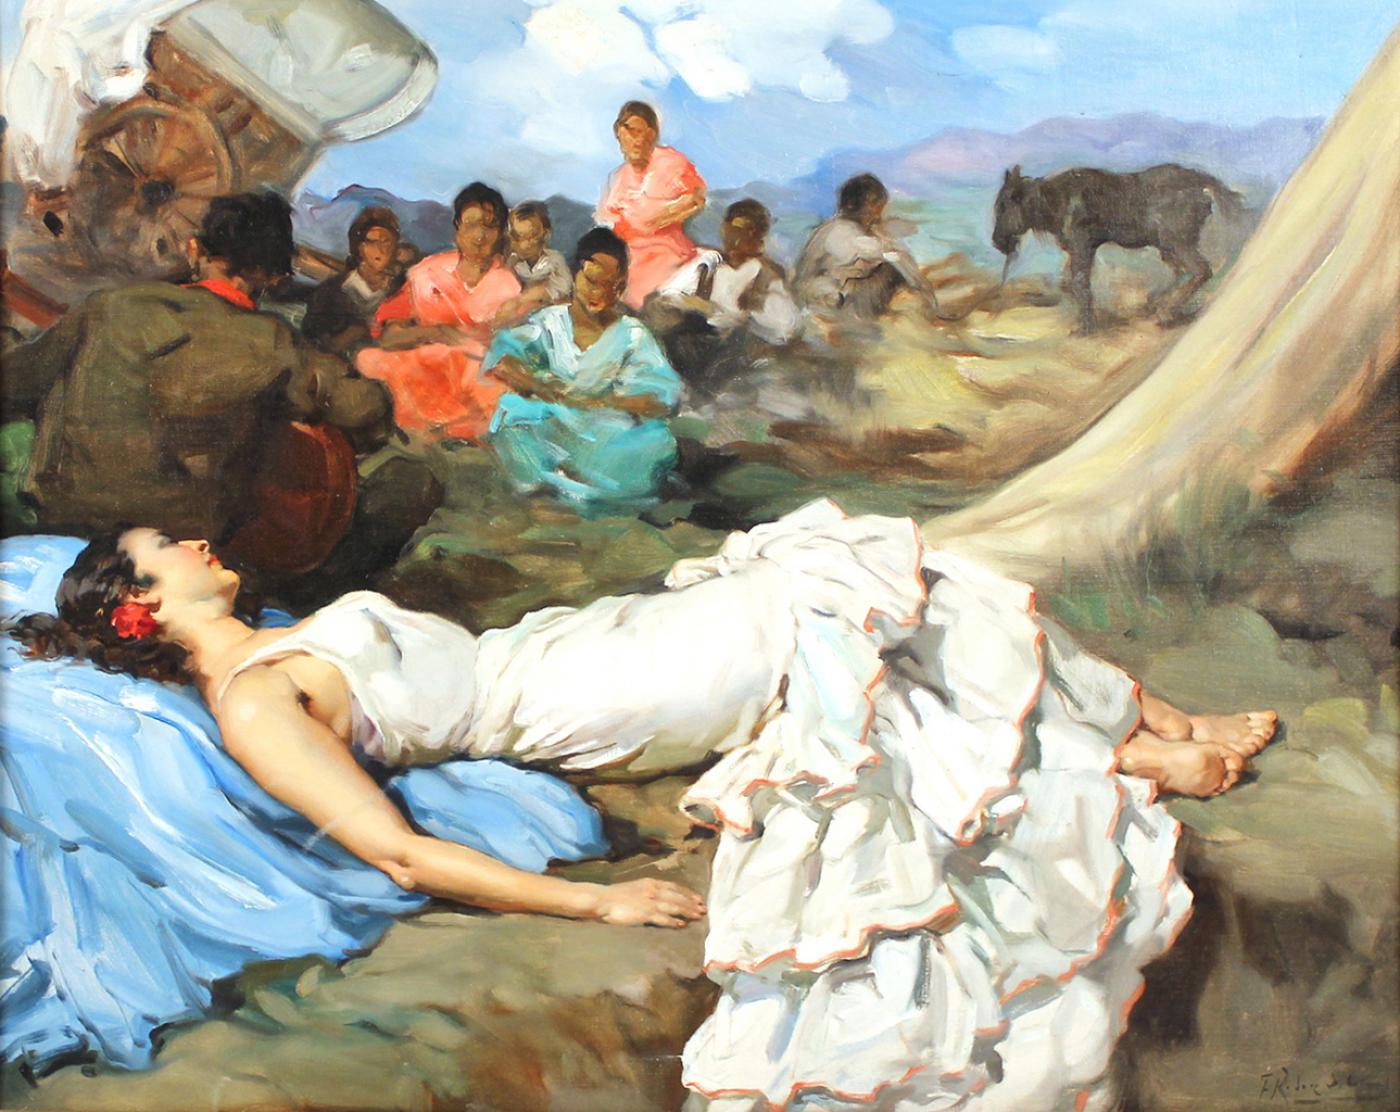 https://cdn.incollect.com/sites/default/files/zoom/Francesco-Clemente-Francisco-Rodriguez-san-Clemente-Oil-Painting-310241-1032511.jpg